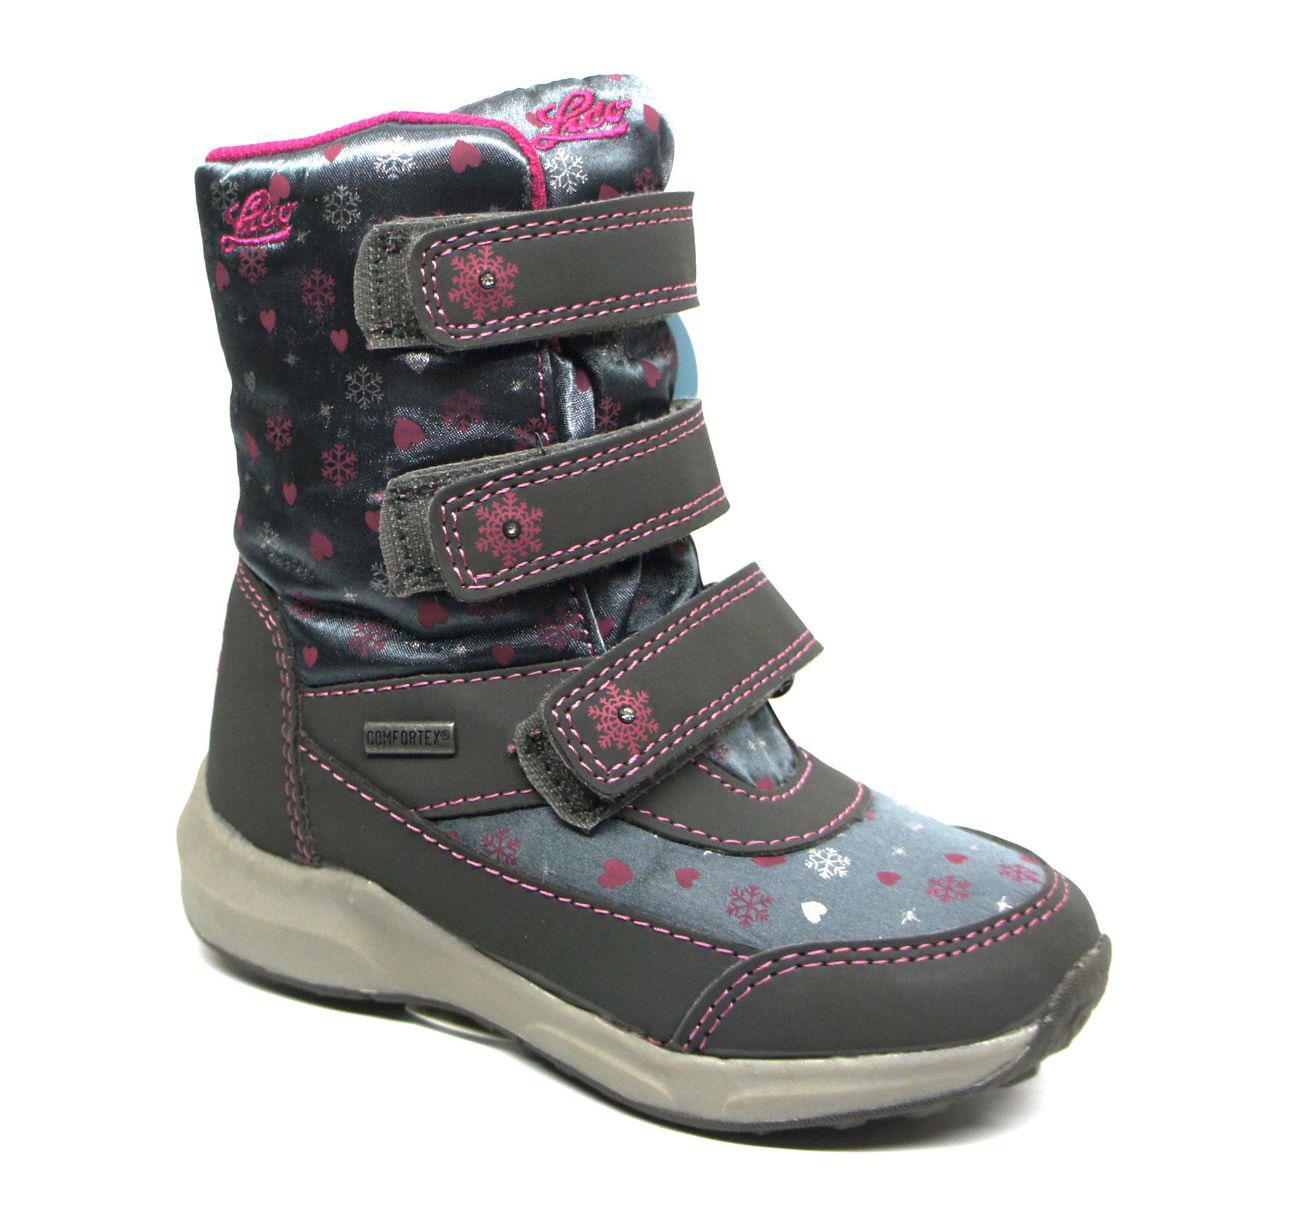 UTex Winterschuhe Stiefel Seite 2 Köstinger Schuhe Kinder 1lJFKcT